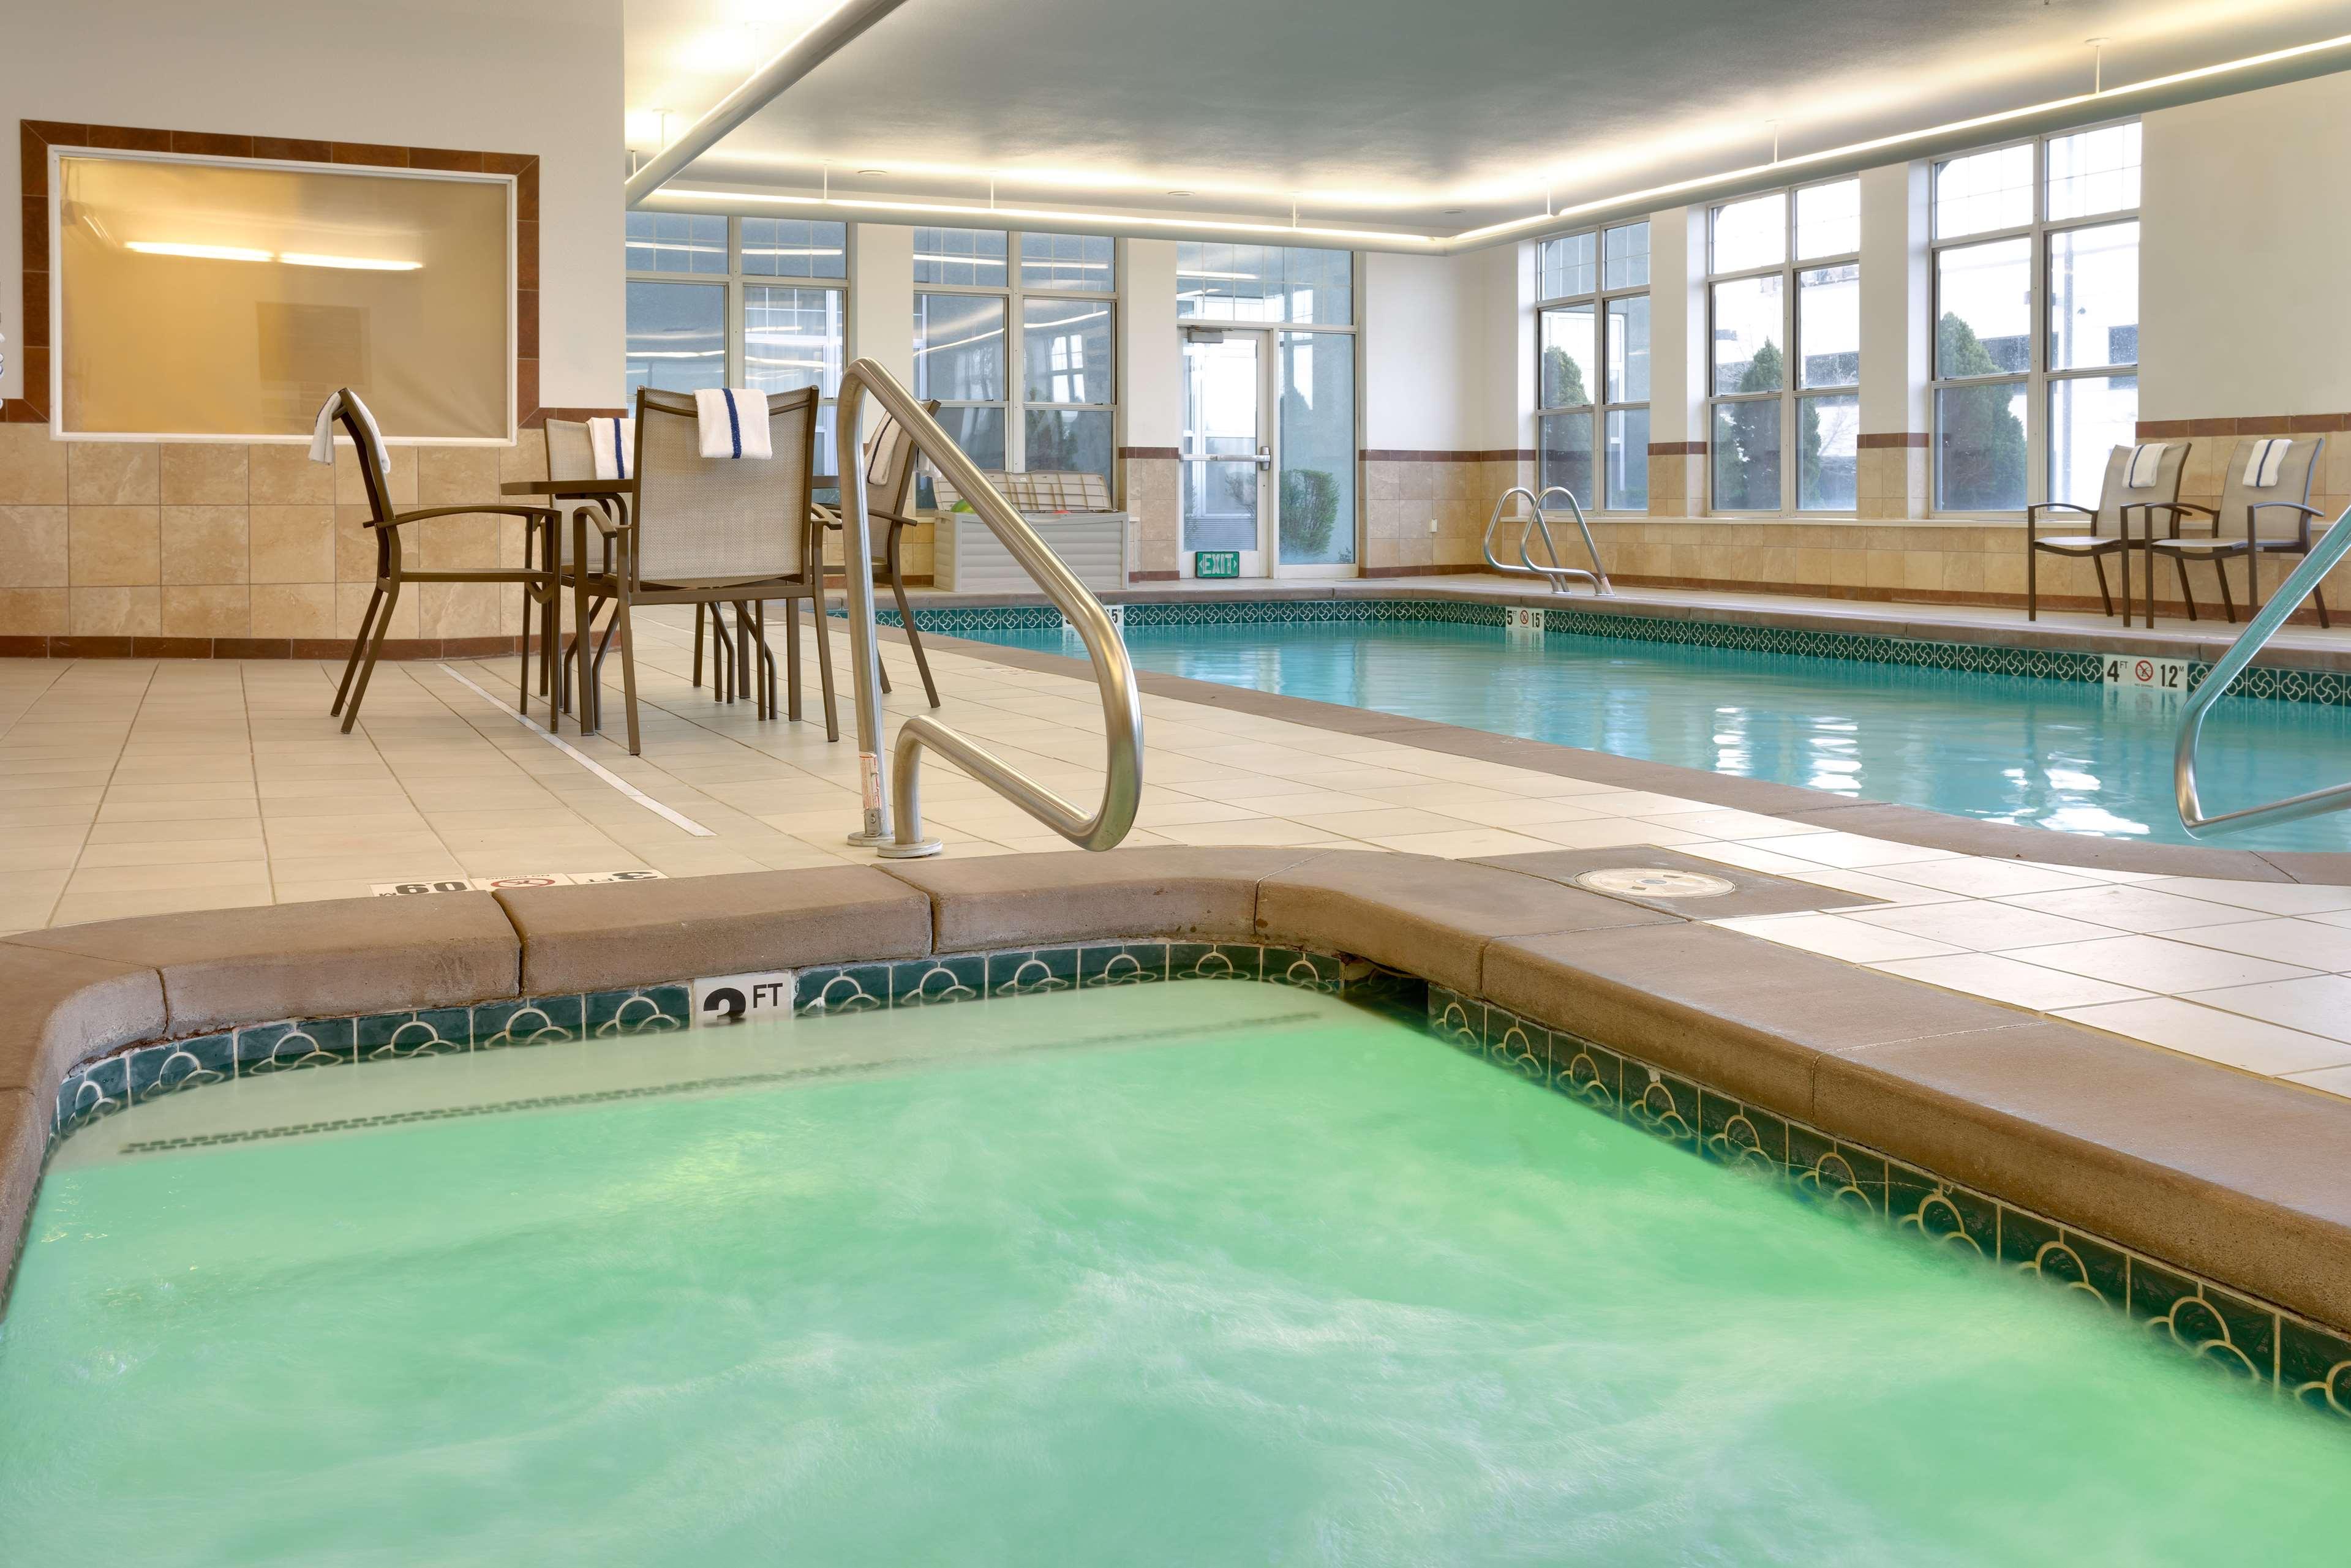 Hampton Inn & Suites Orem image 6